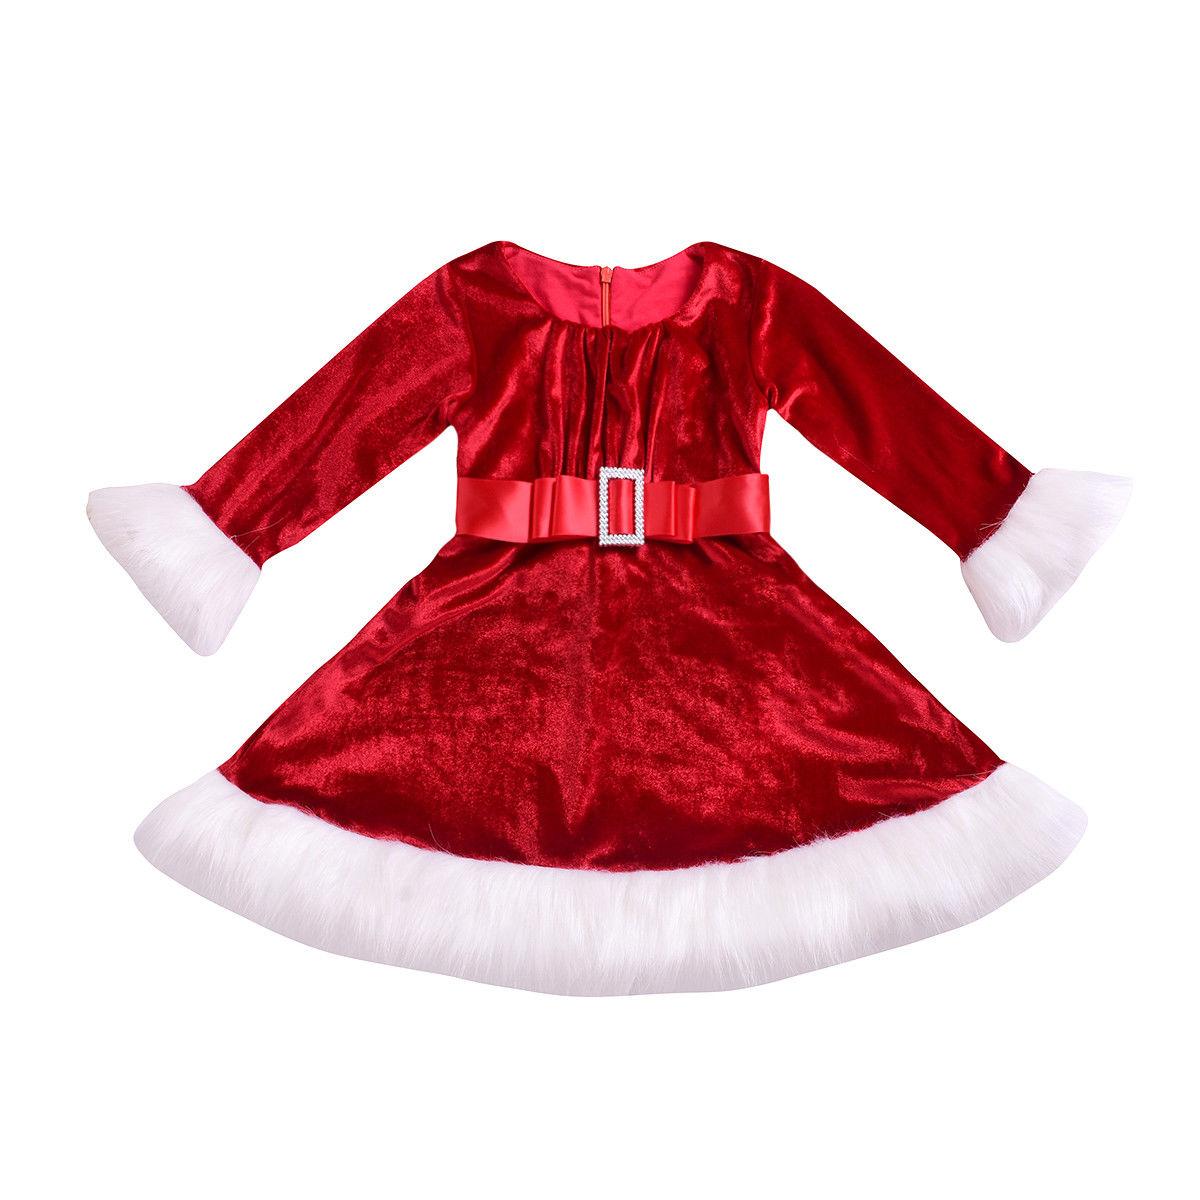 Рождественское платье для девочек, красное платье для новорожденных девочек, вельветовое, плюшевое, рождественское платье для девочек, новогодние платья для девочек